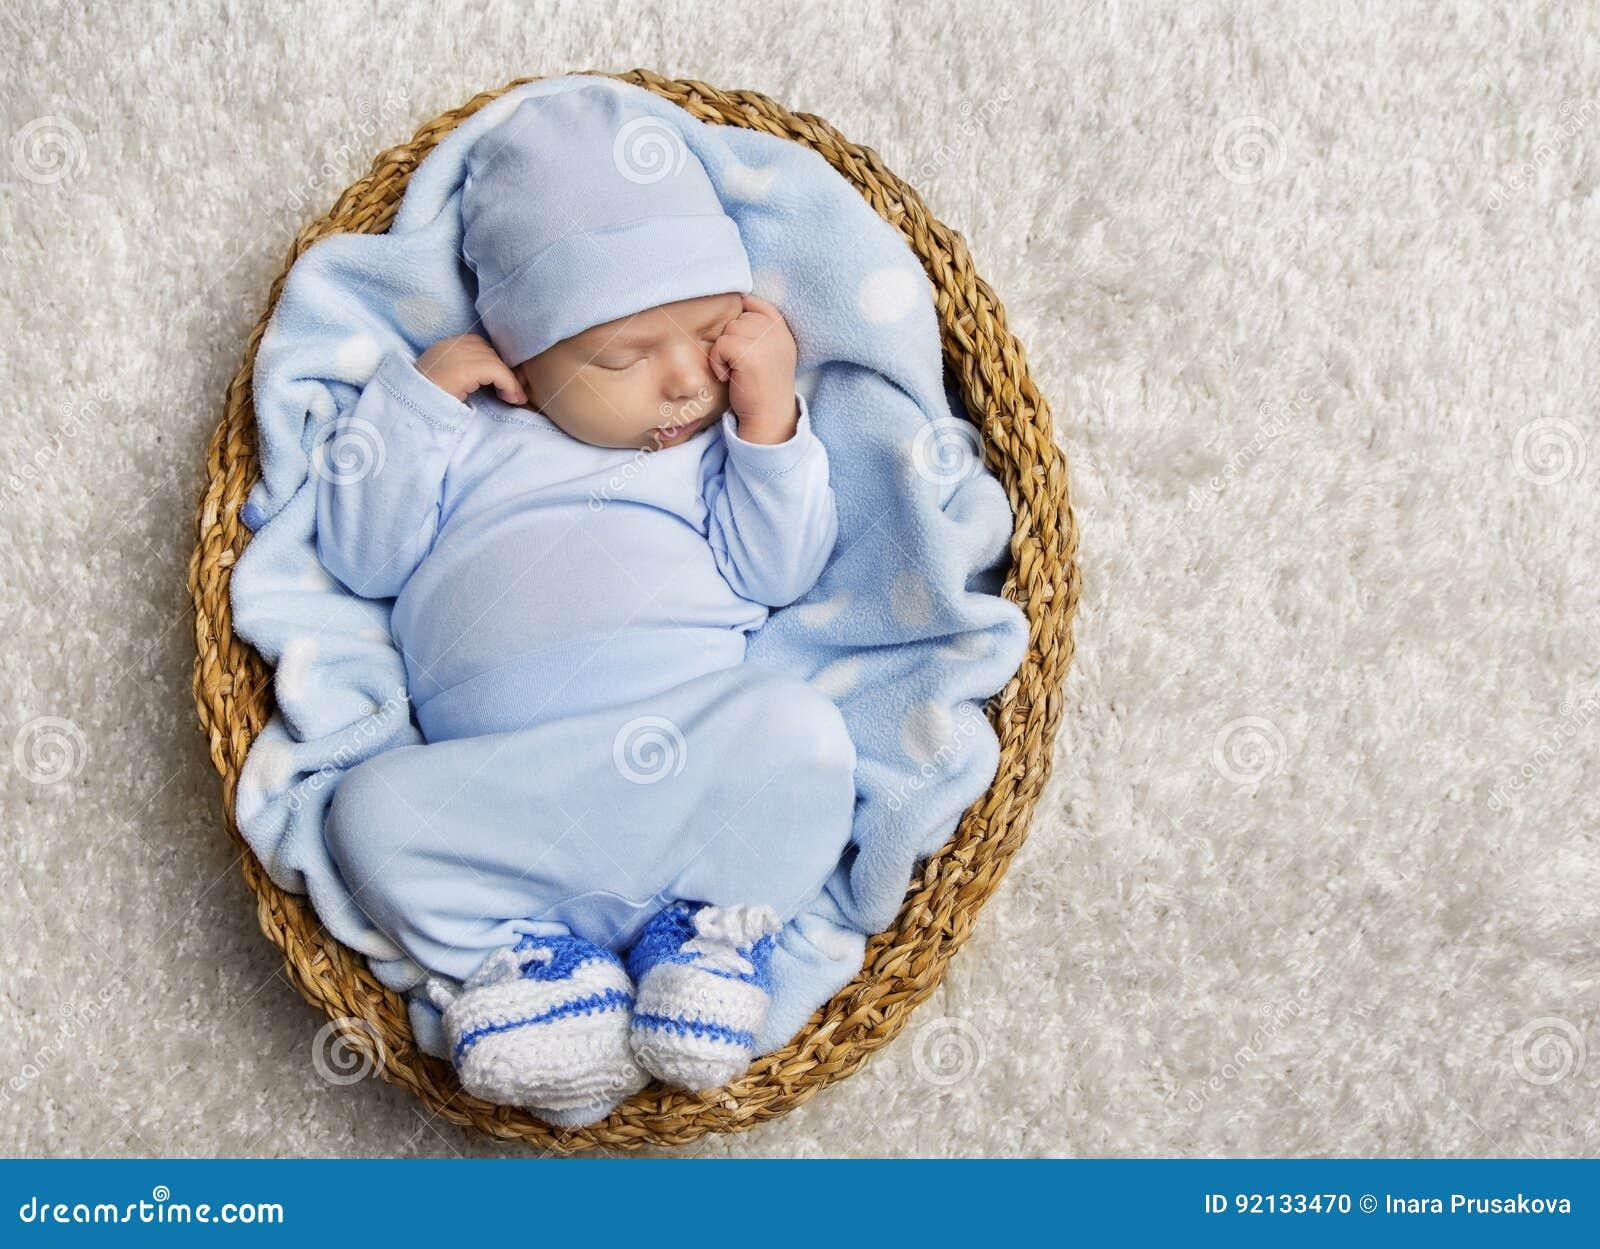 Babyslaap, de Pasgeboren Nieuwe Mand van de Jong geitjeslaap, - geboren In slaap Kind